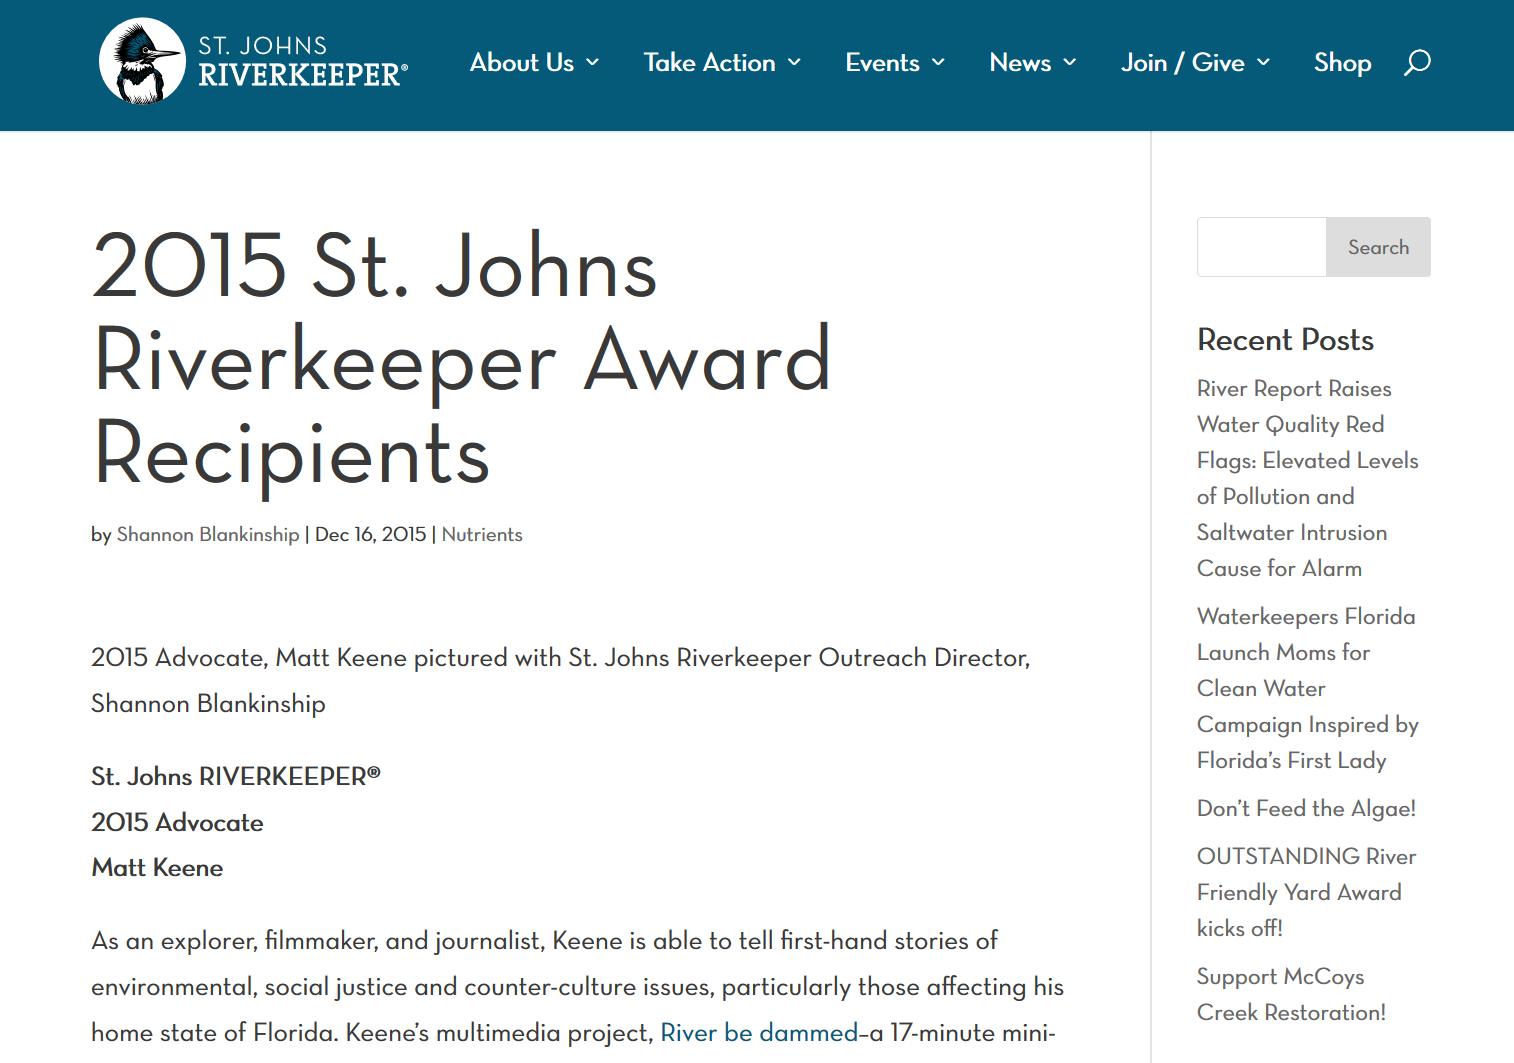 2015 St. Johns Riverkeeper Award Recipients